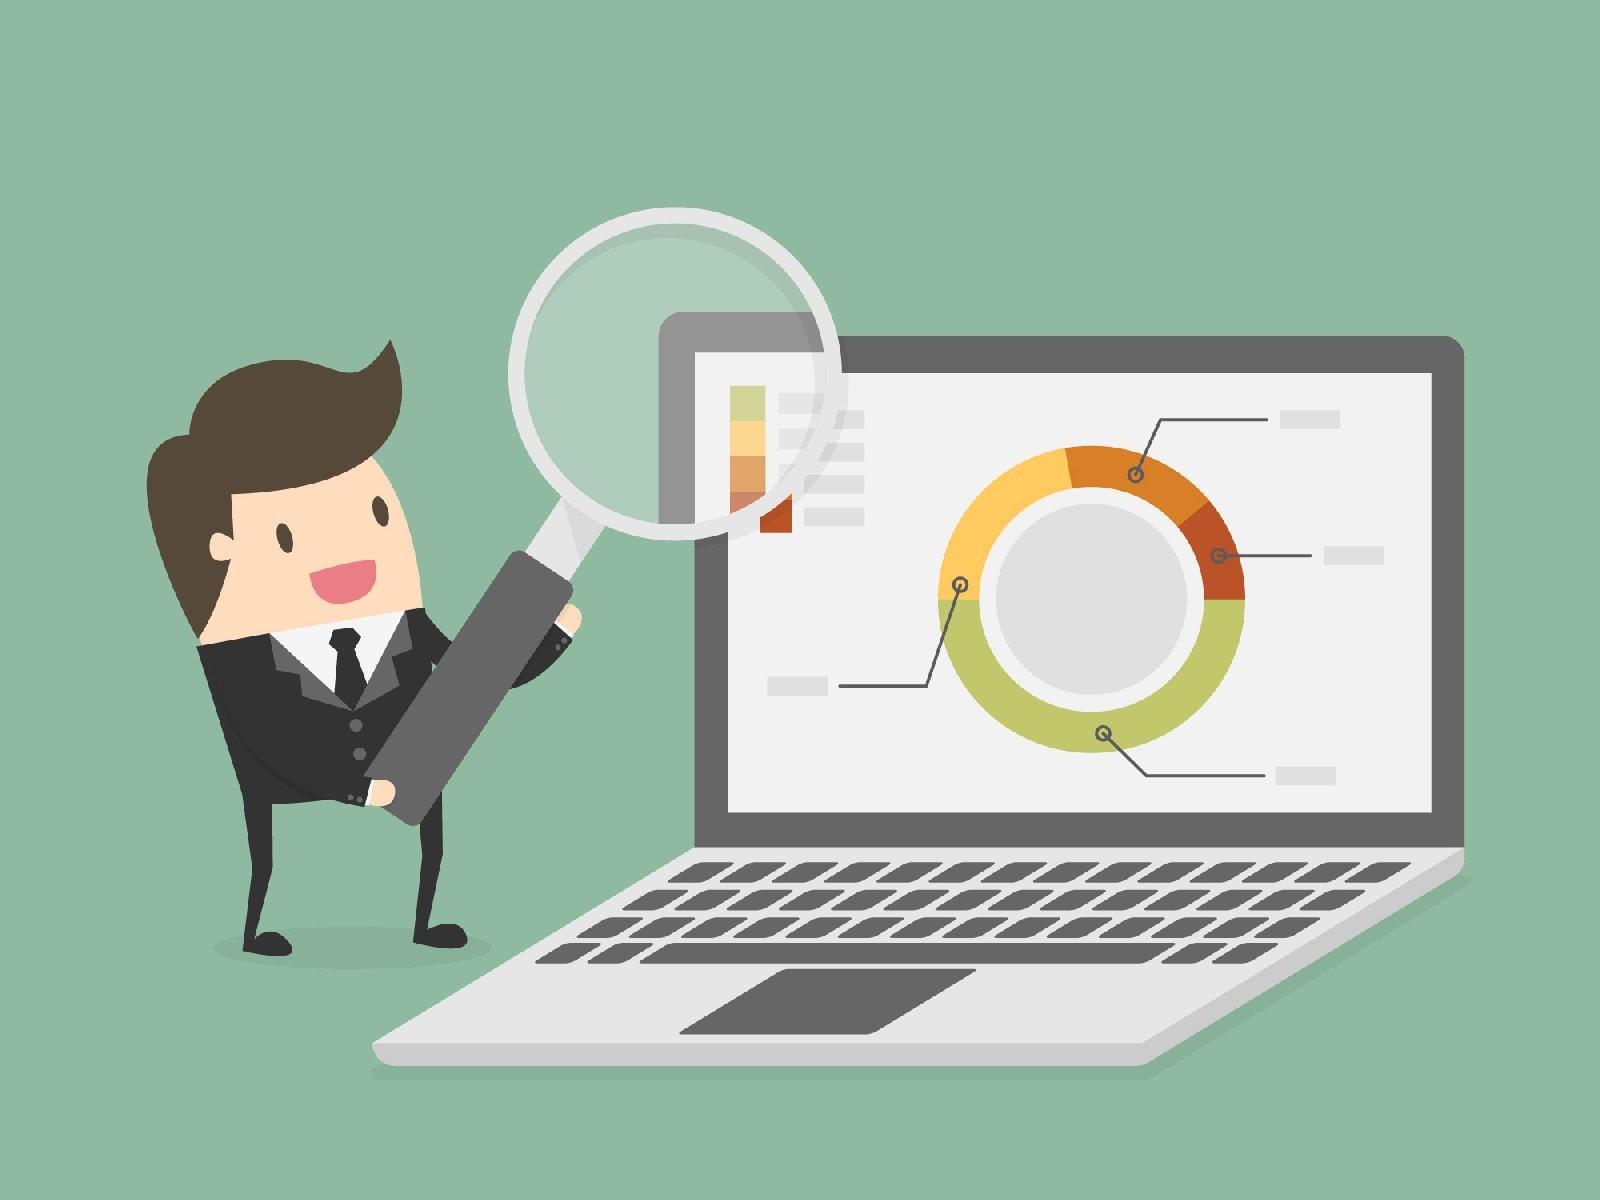 Bài test marketing là gì? Tại sao test ứng viên quan trọng?